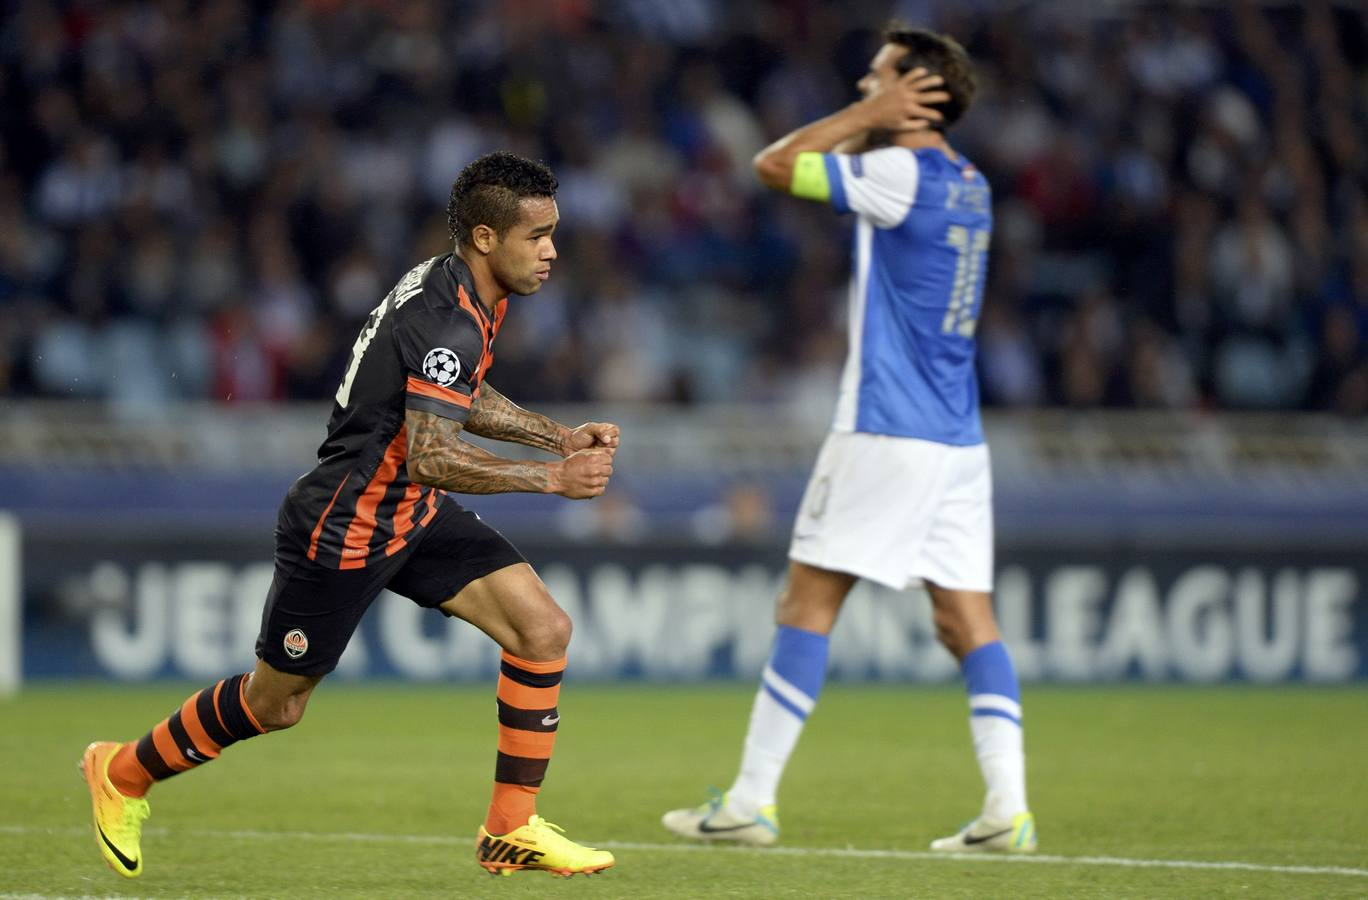 La Real vuelve a la 'Champions' con derrota